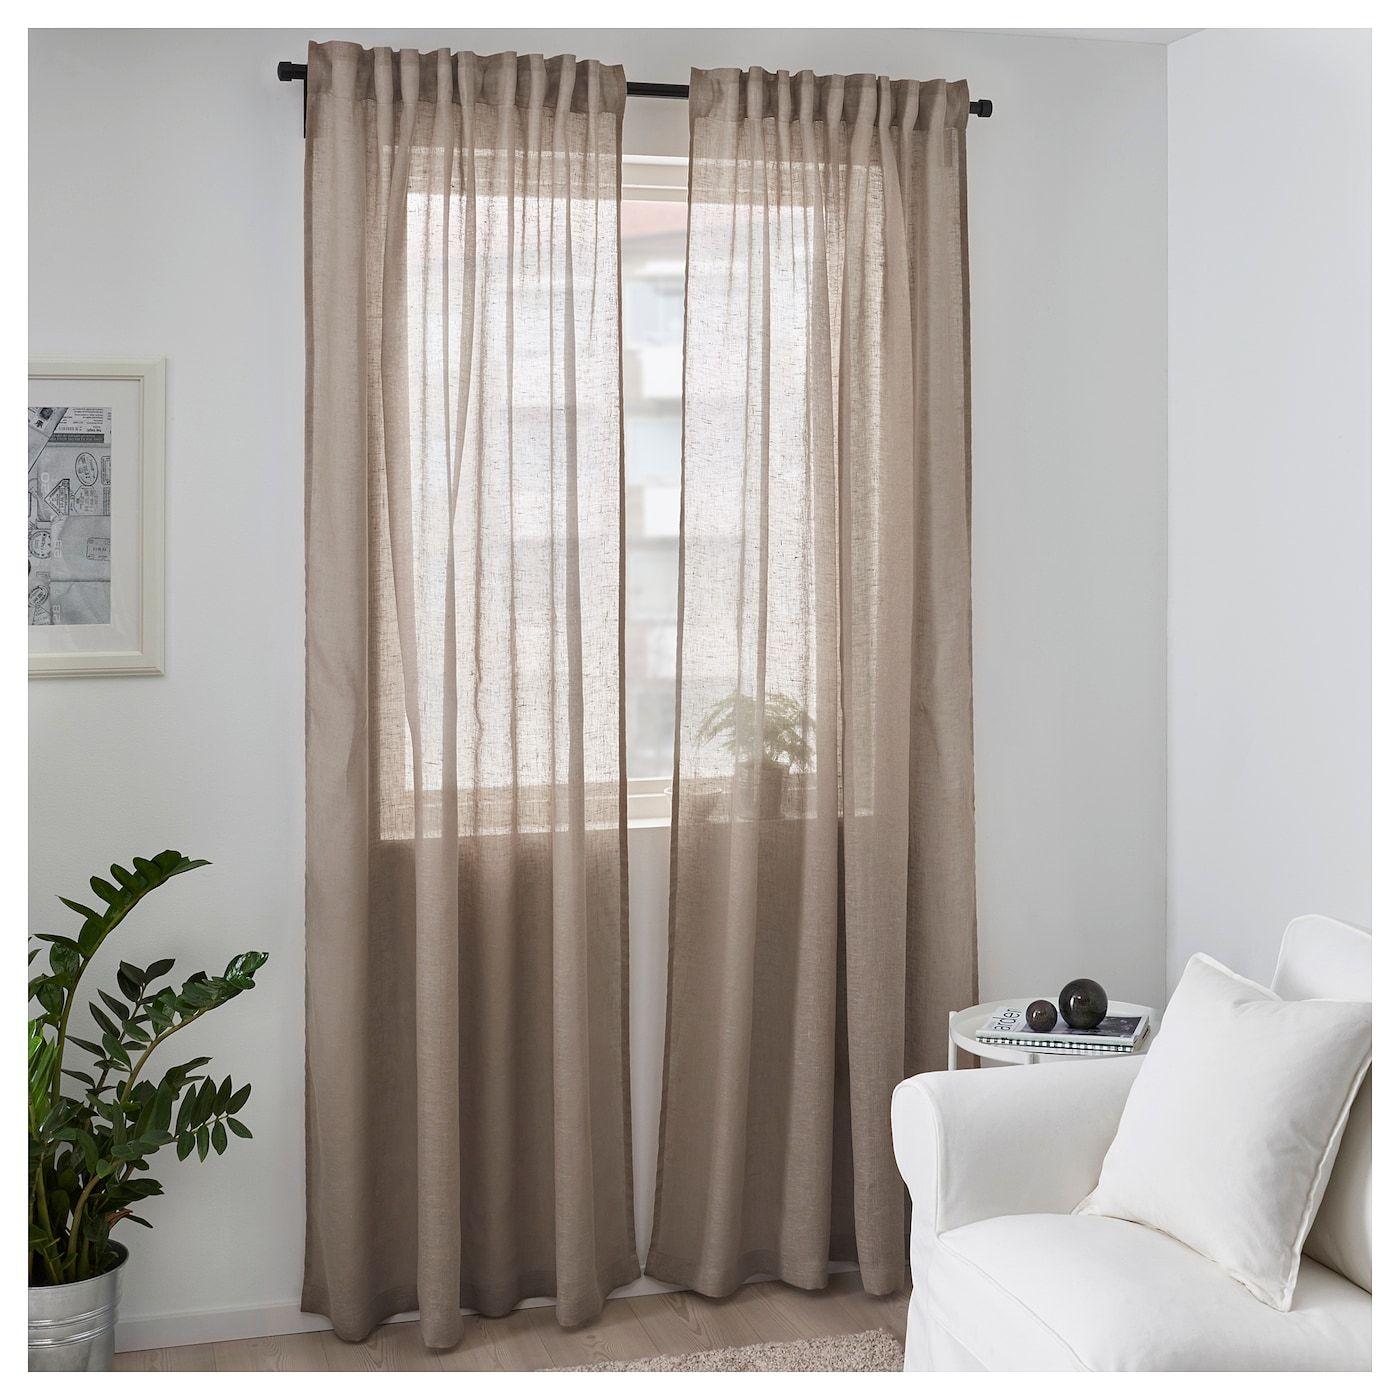 24 Wohnzimmer leinen gardinen ikea